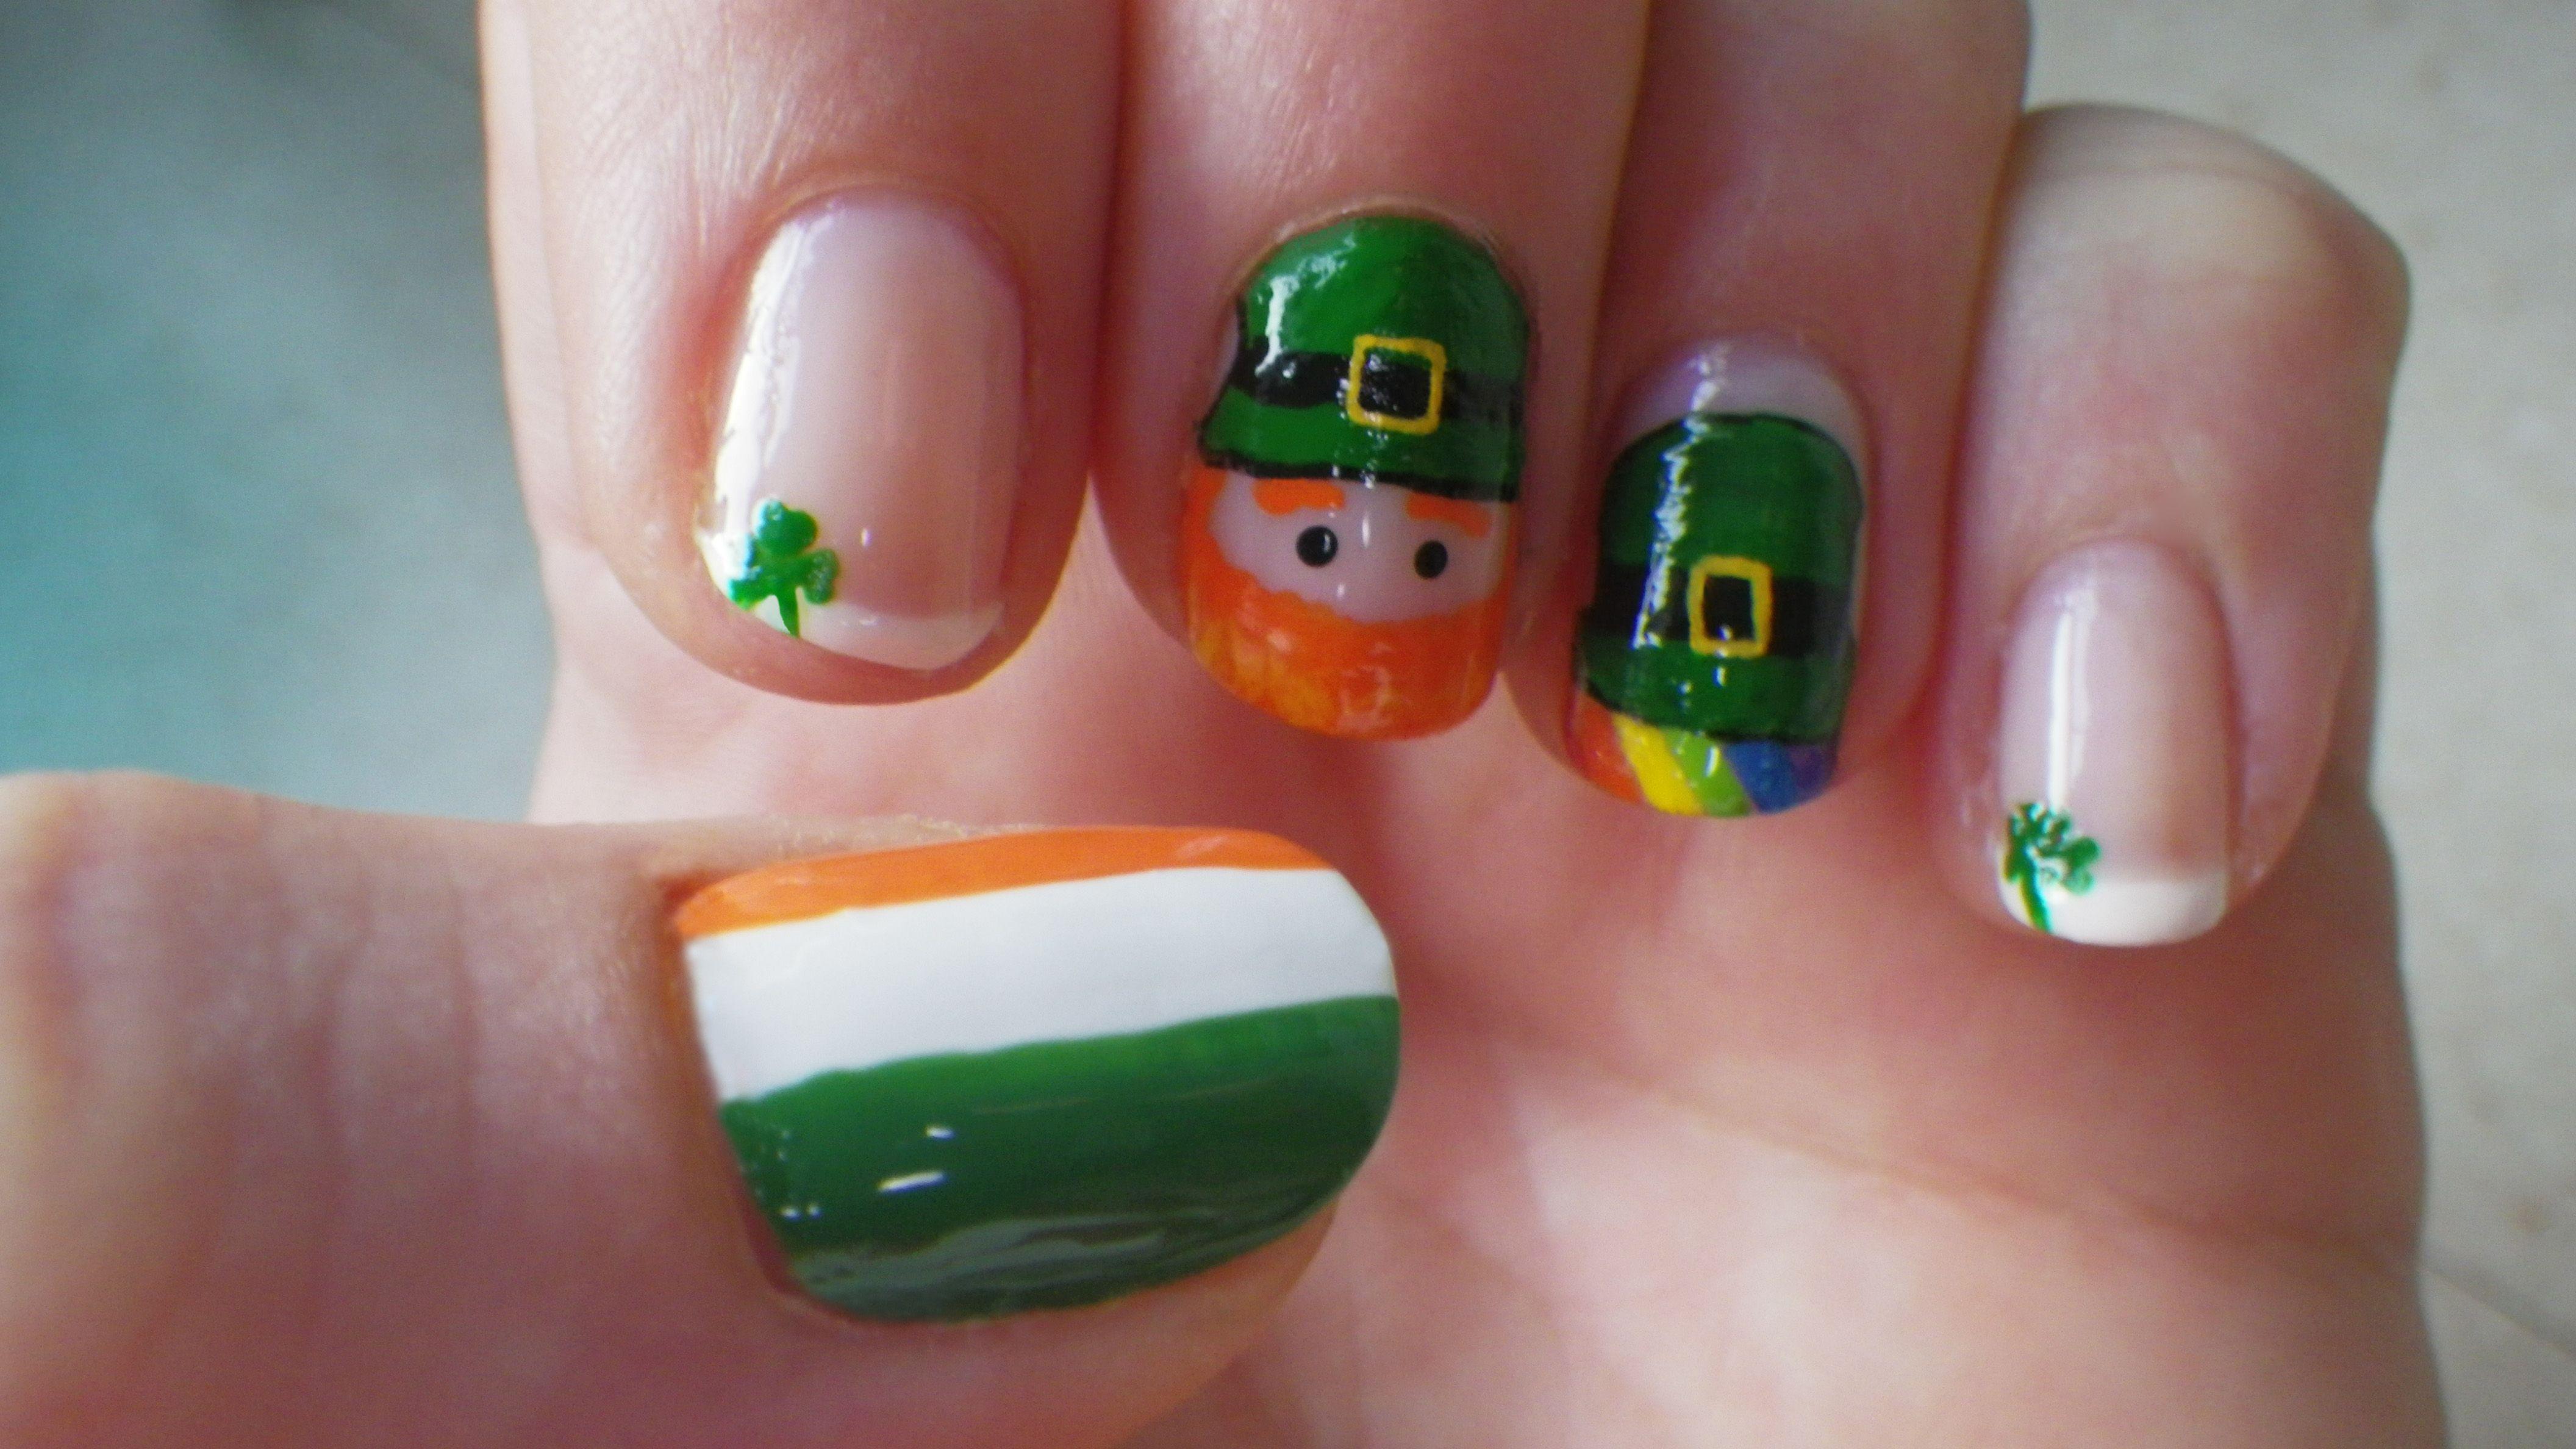 желании, всегда маникюр фото ирландия итоге просто